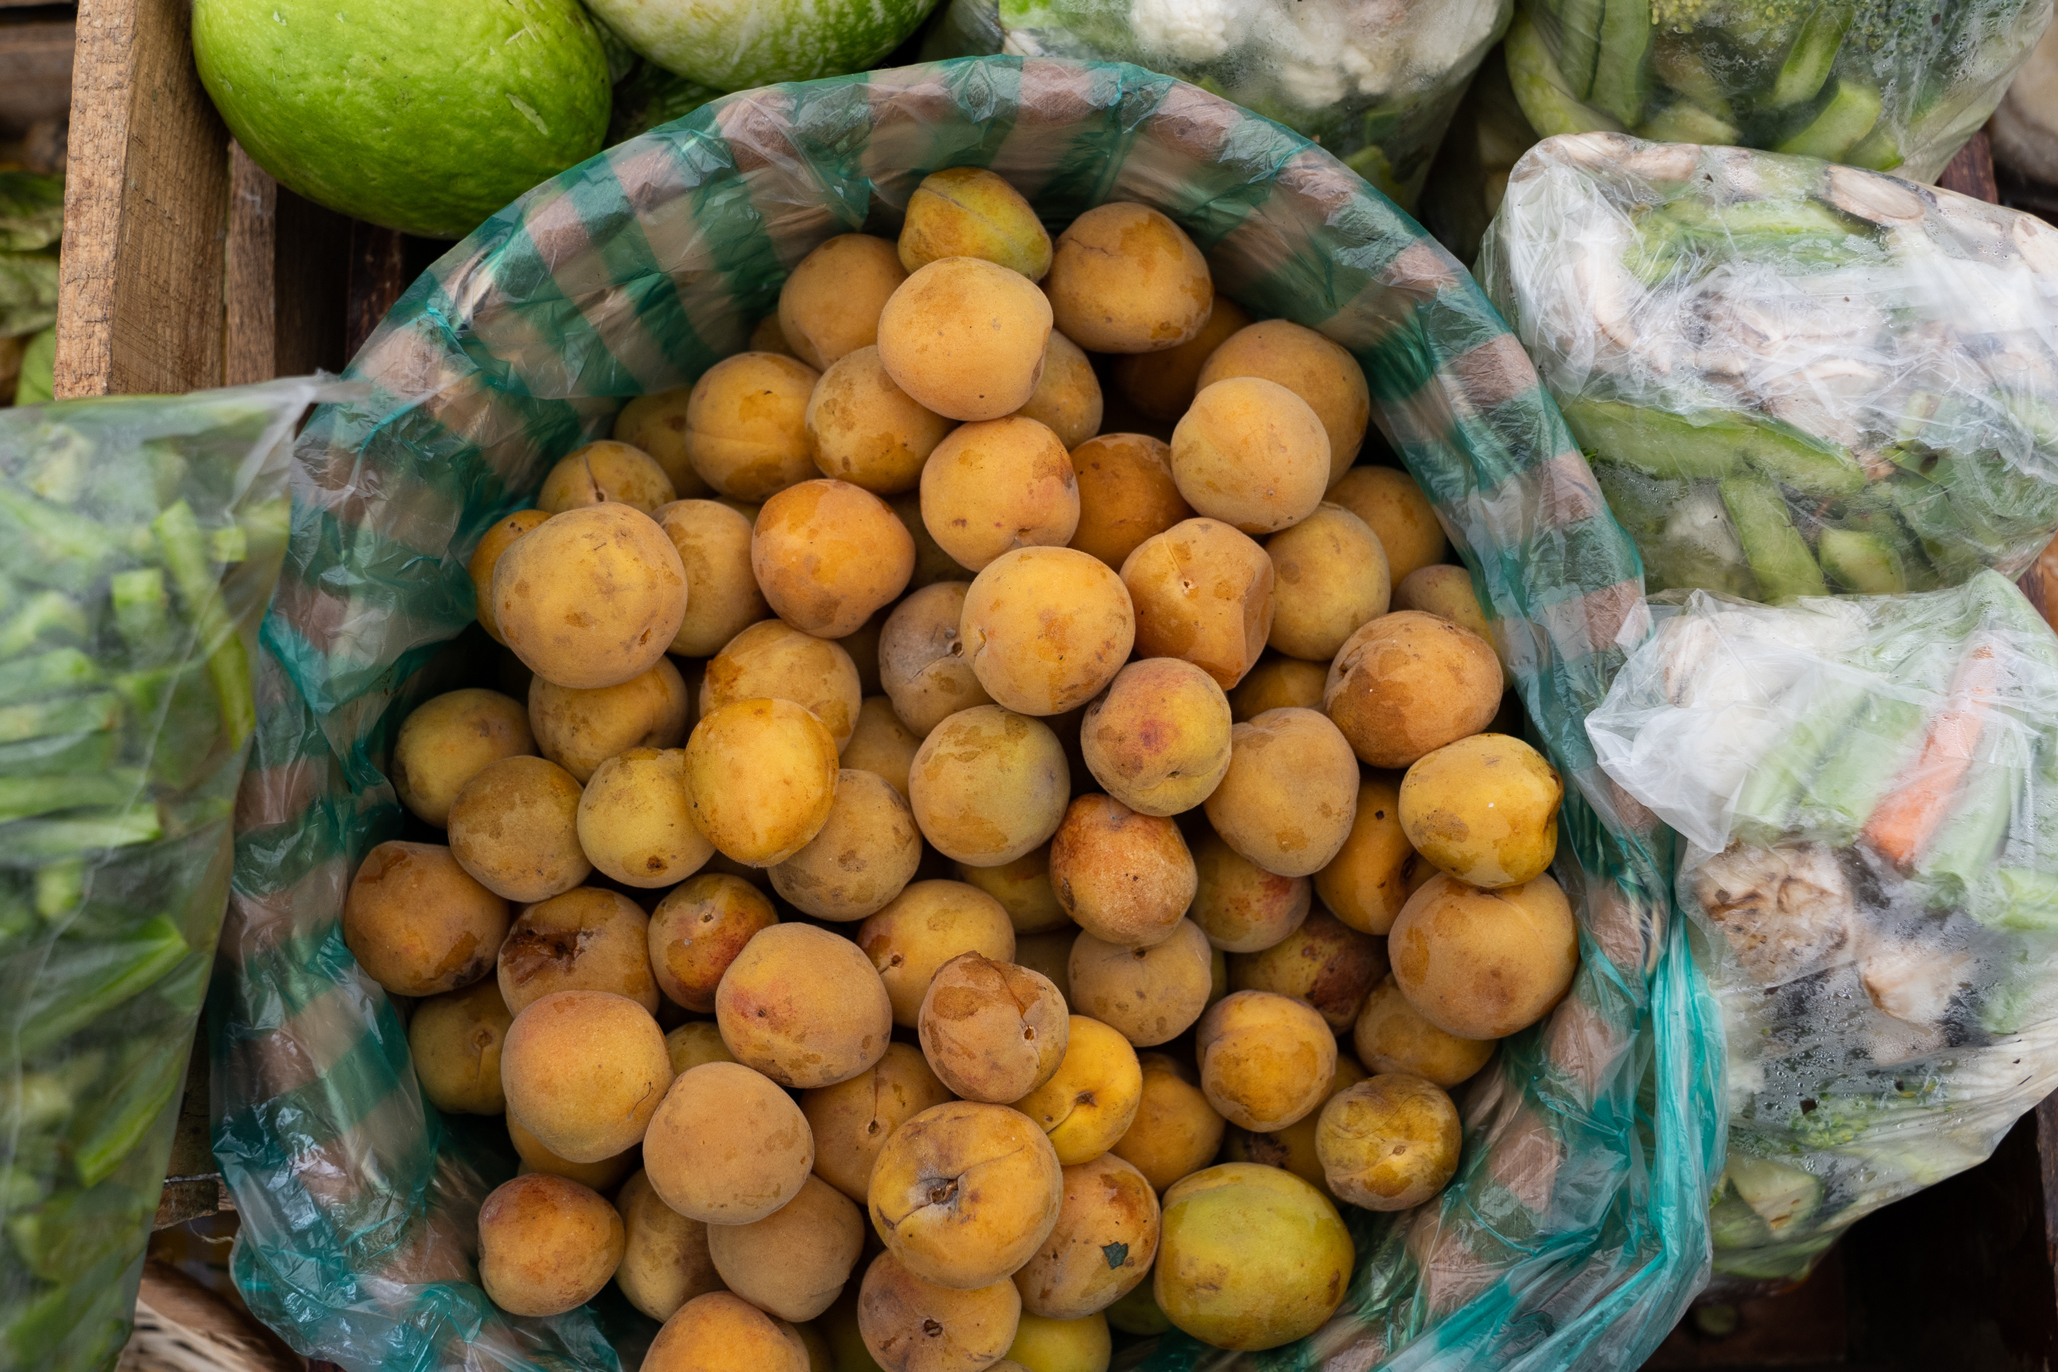 Mercado de Tlalpan frutas frescas de mercado